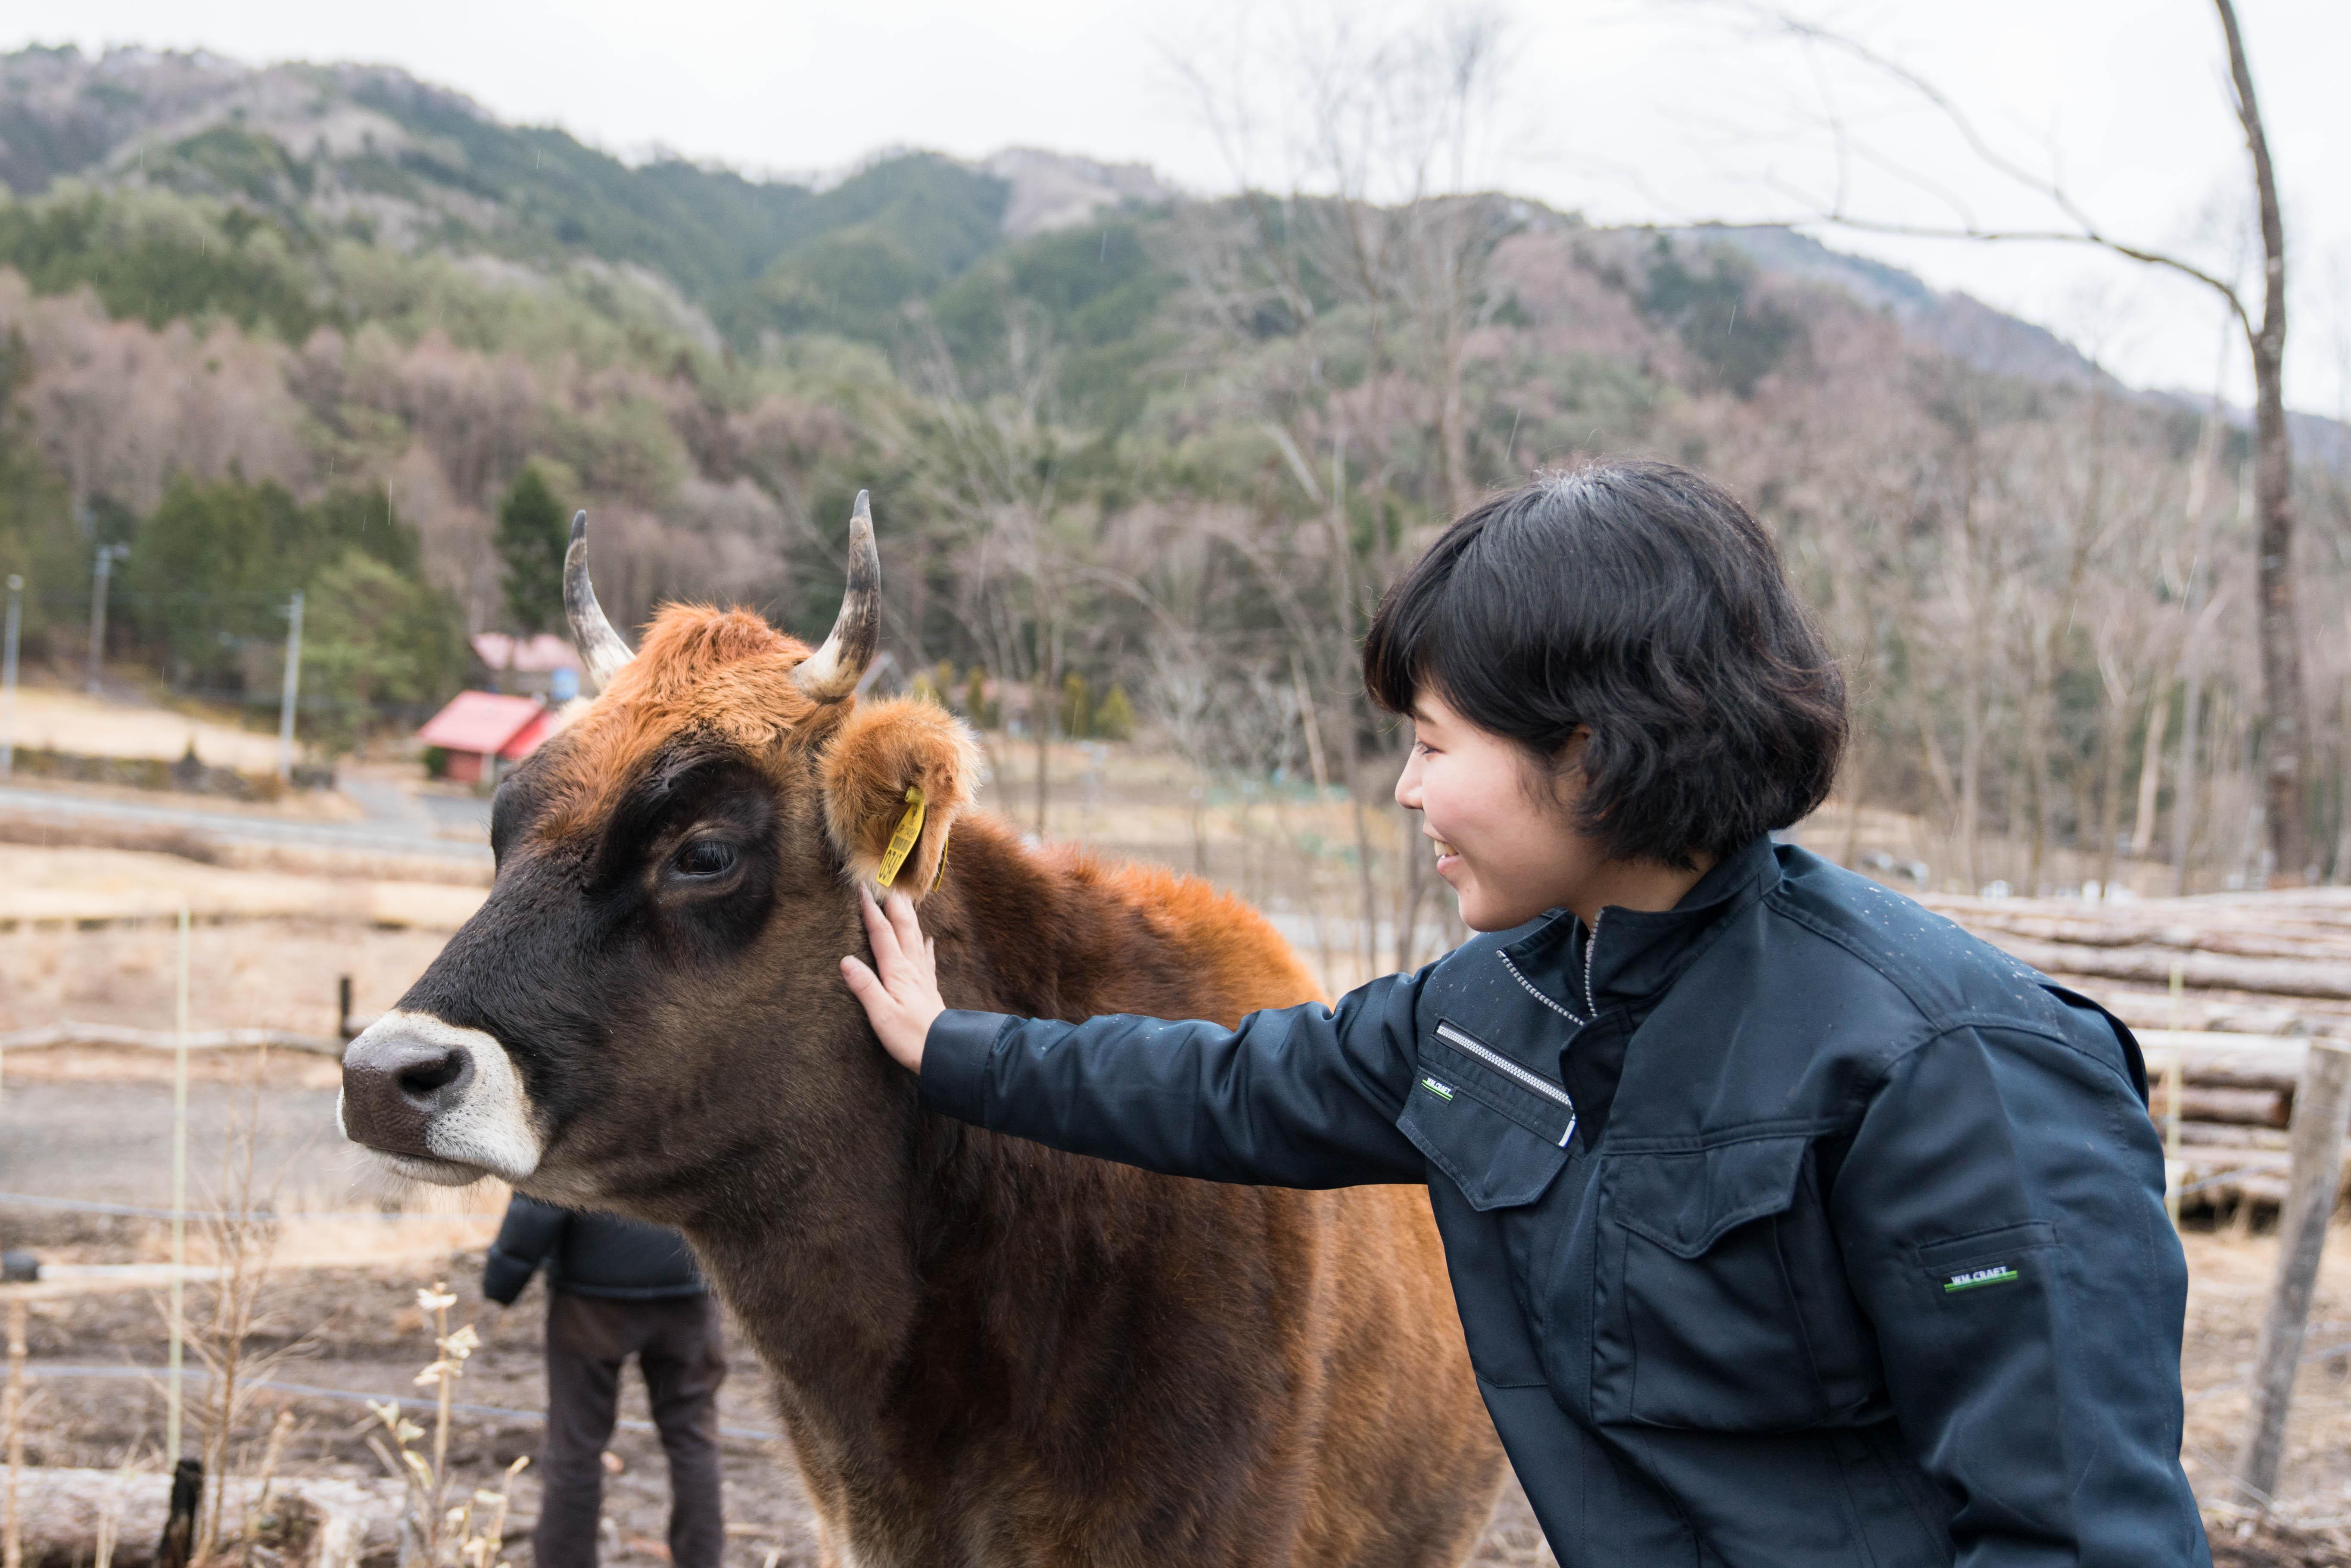 4頭の牛を7箇所の山中に放牧、野草を餌とすることで薬品などに頼らない山の整備管理を行っている。参加者の後りをゆっくりとついてくる牛たち。牛は寂しがりやなのだとか。